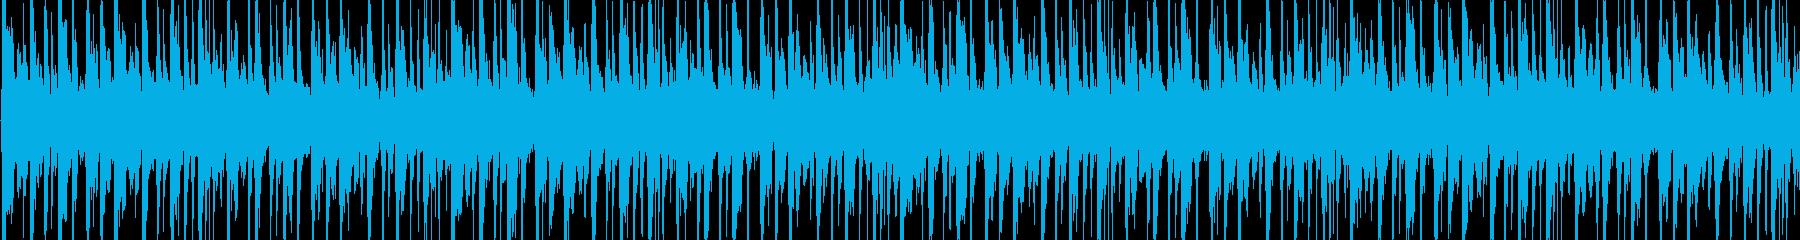 おしゃれなハウス系。ほのぼのした雰囲気の再生済みの波形